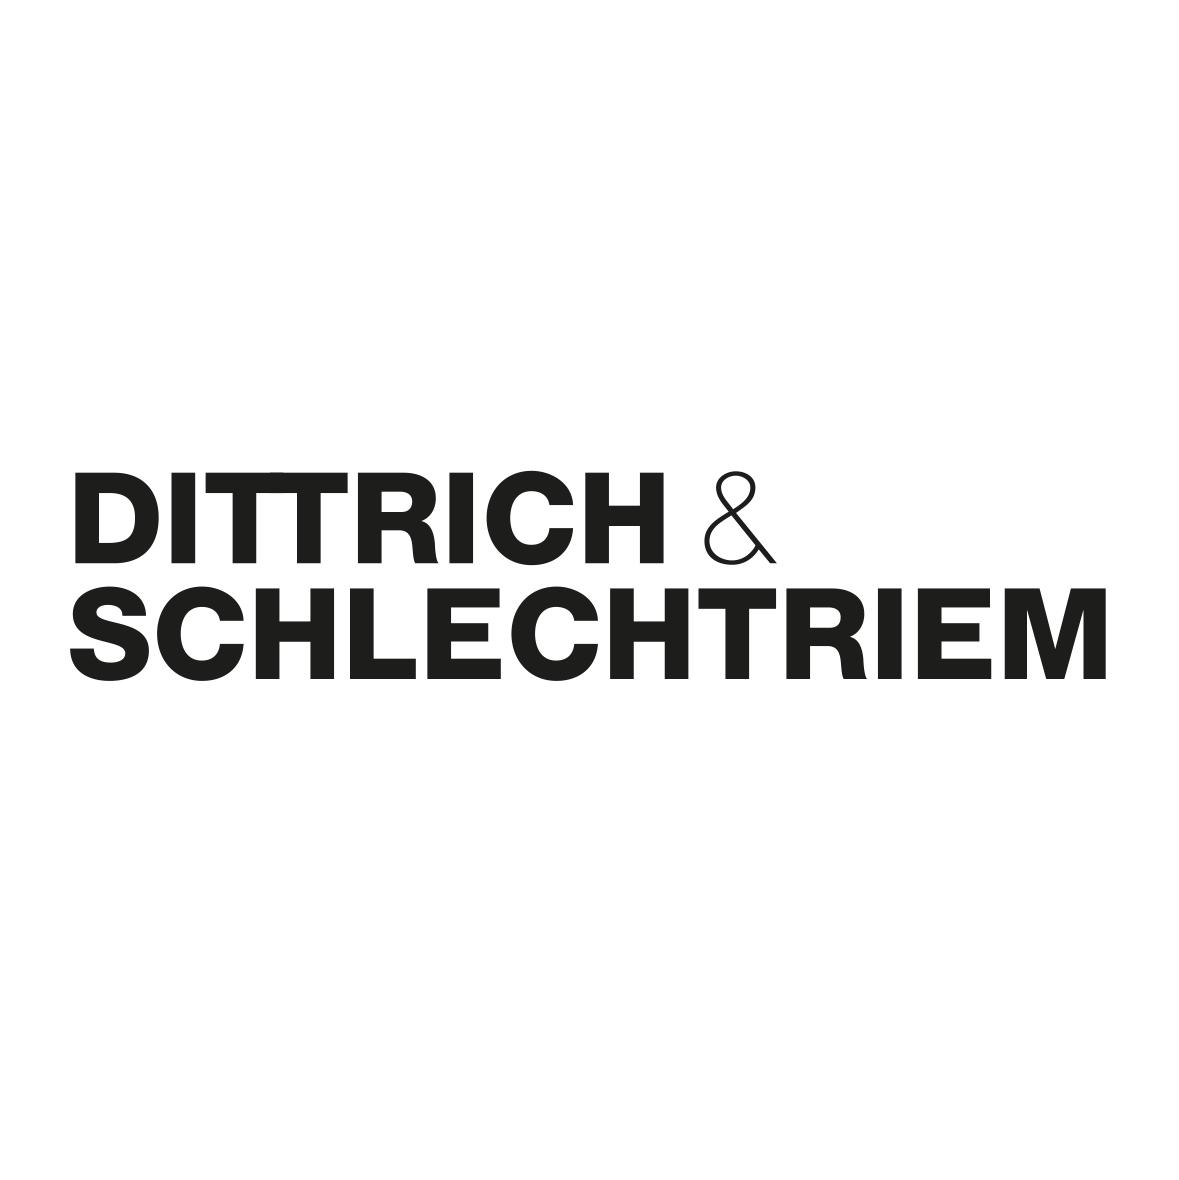 DITTRICH & SCHLECHTRIEM